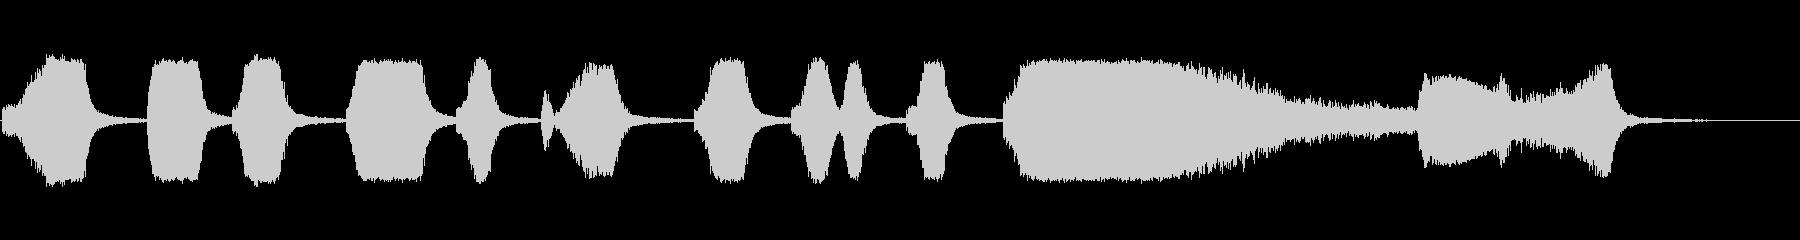 ヒューシュフランジエアーマルチプルeの未再生の波形